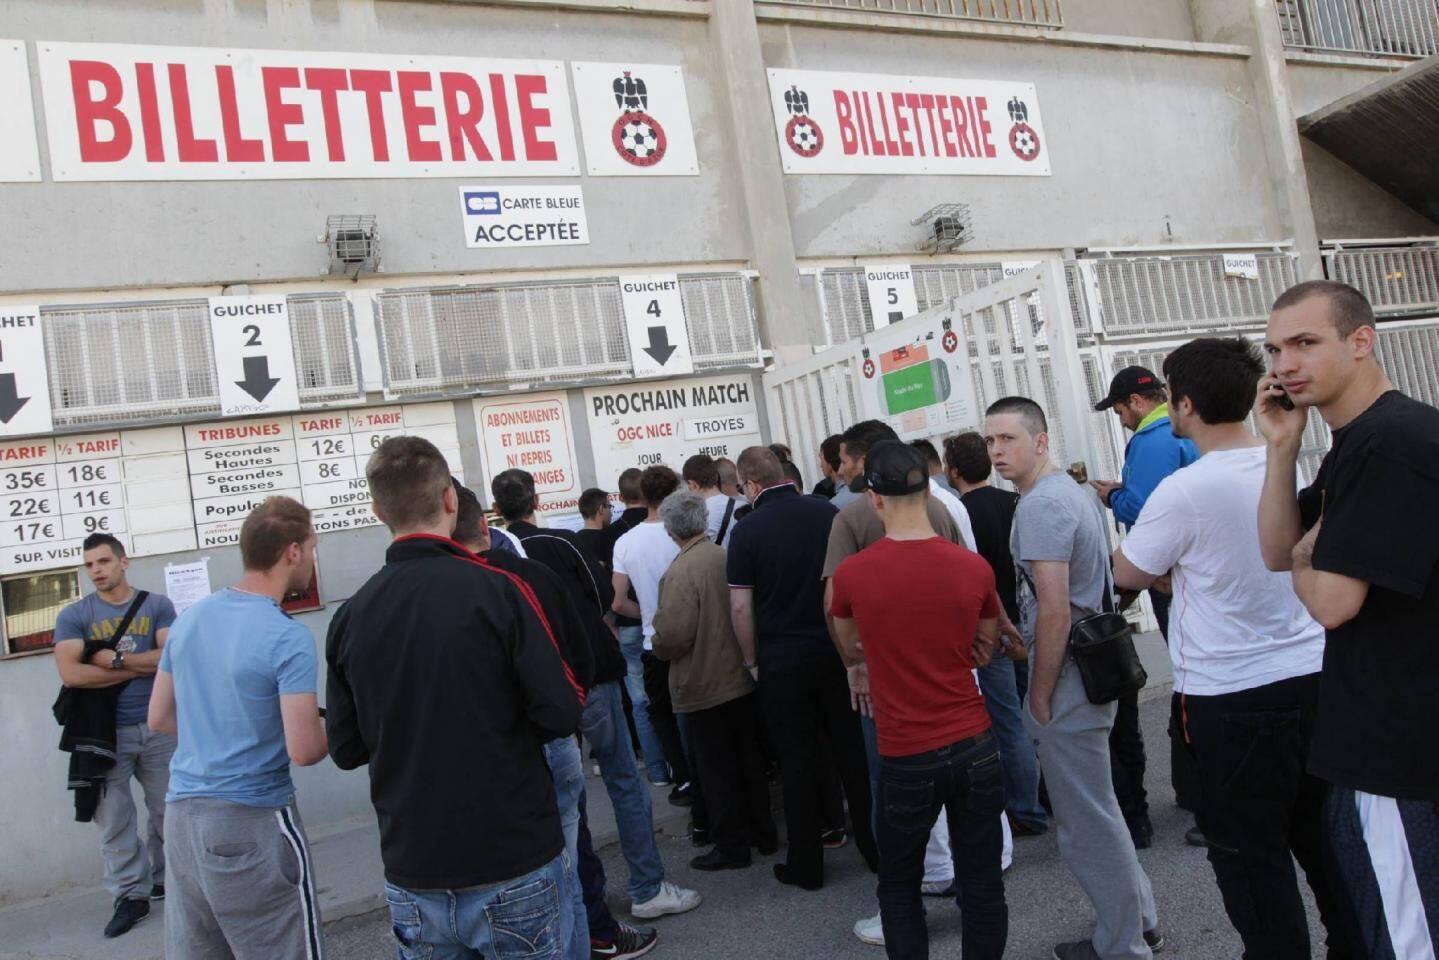 Hier matin, à la billetterie du ray, les 160 dernières places en parcage visiteur à Annecy, se sont vendues en une demi-heure !